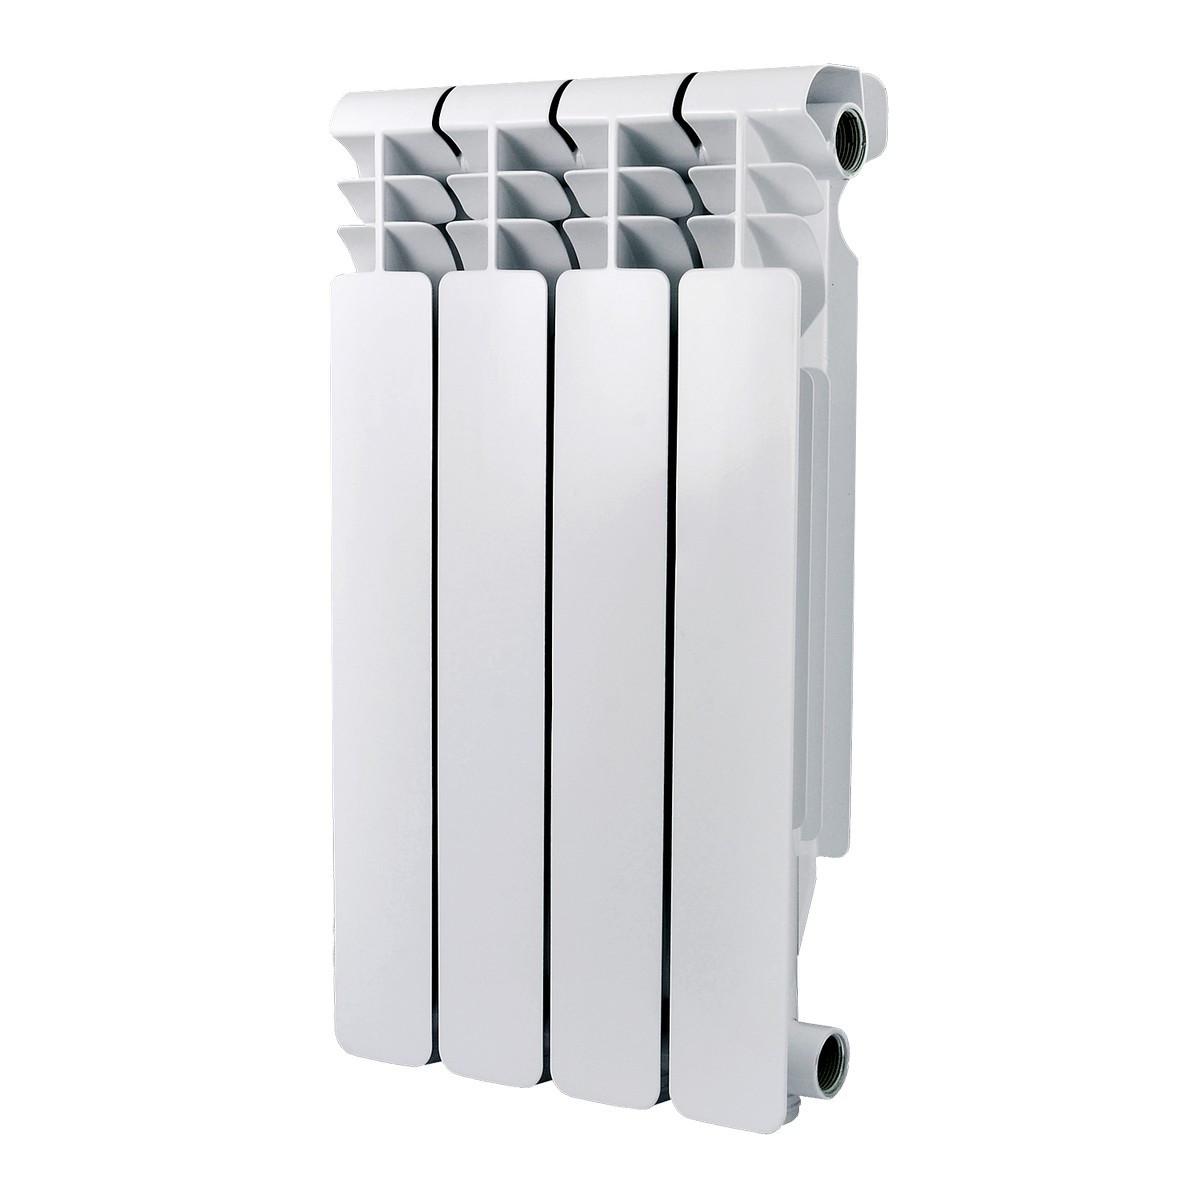 Радиатор алюминий Classic 200 7 секций 0,896кВт Ogint 117-5998